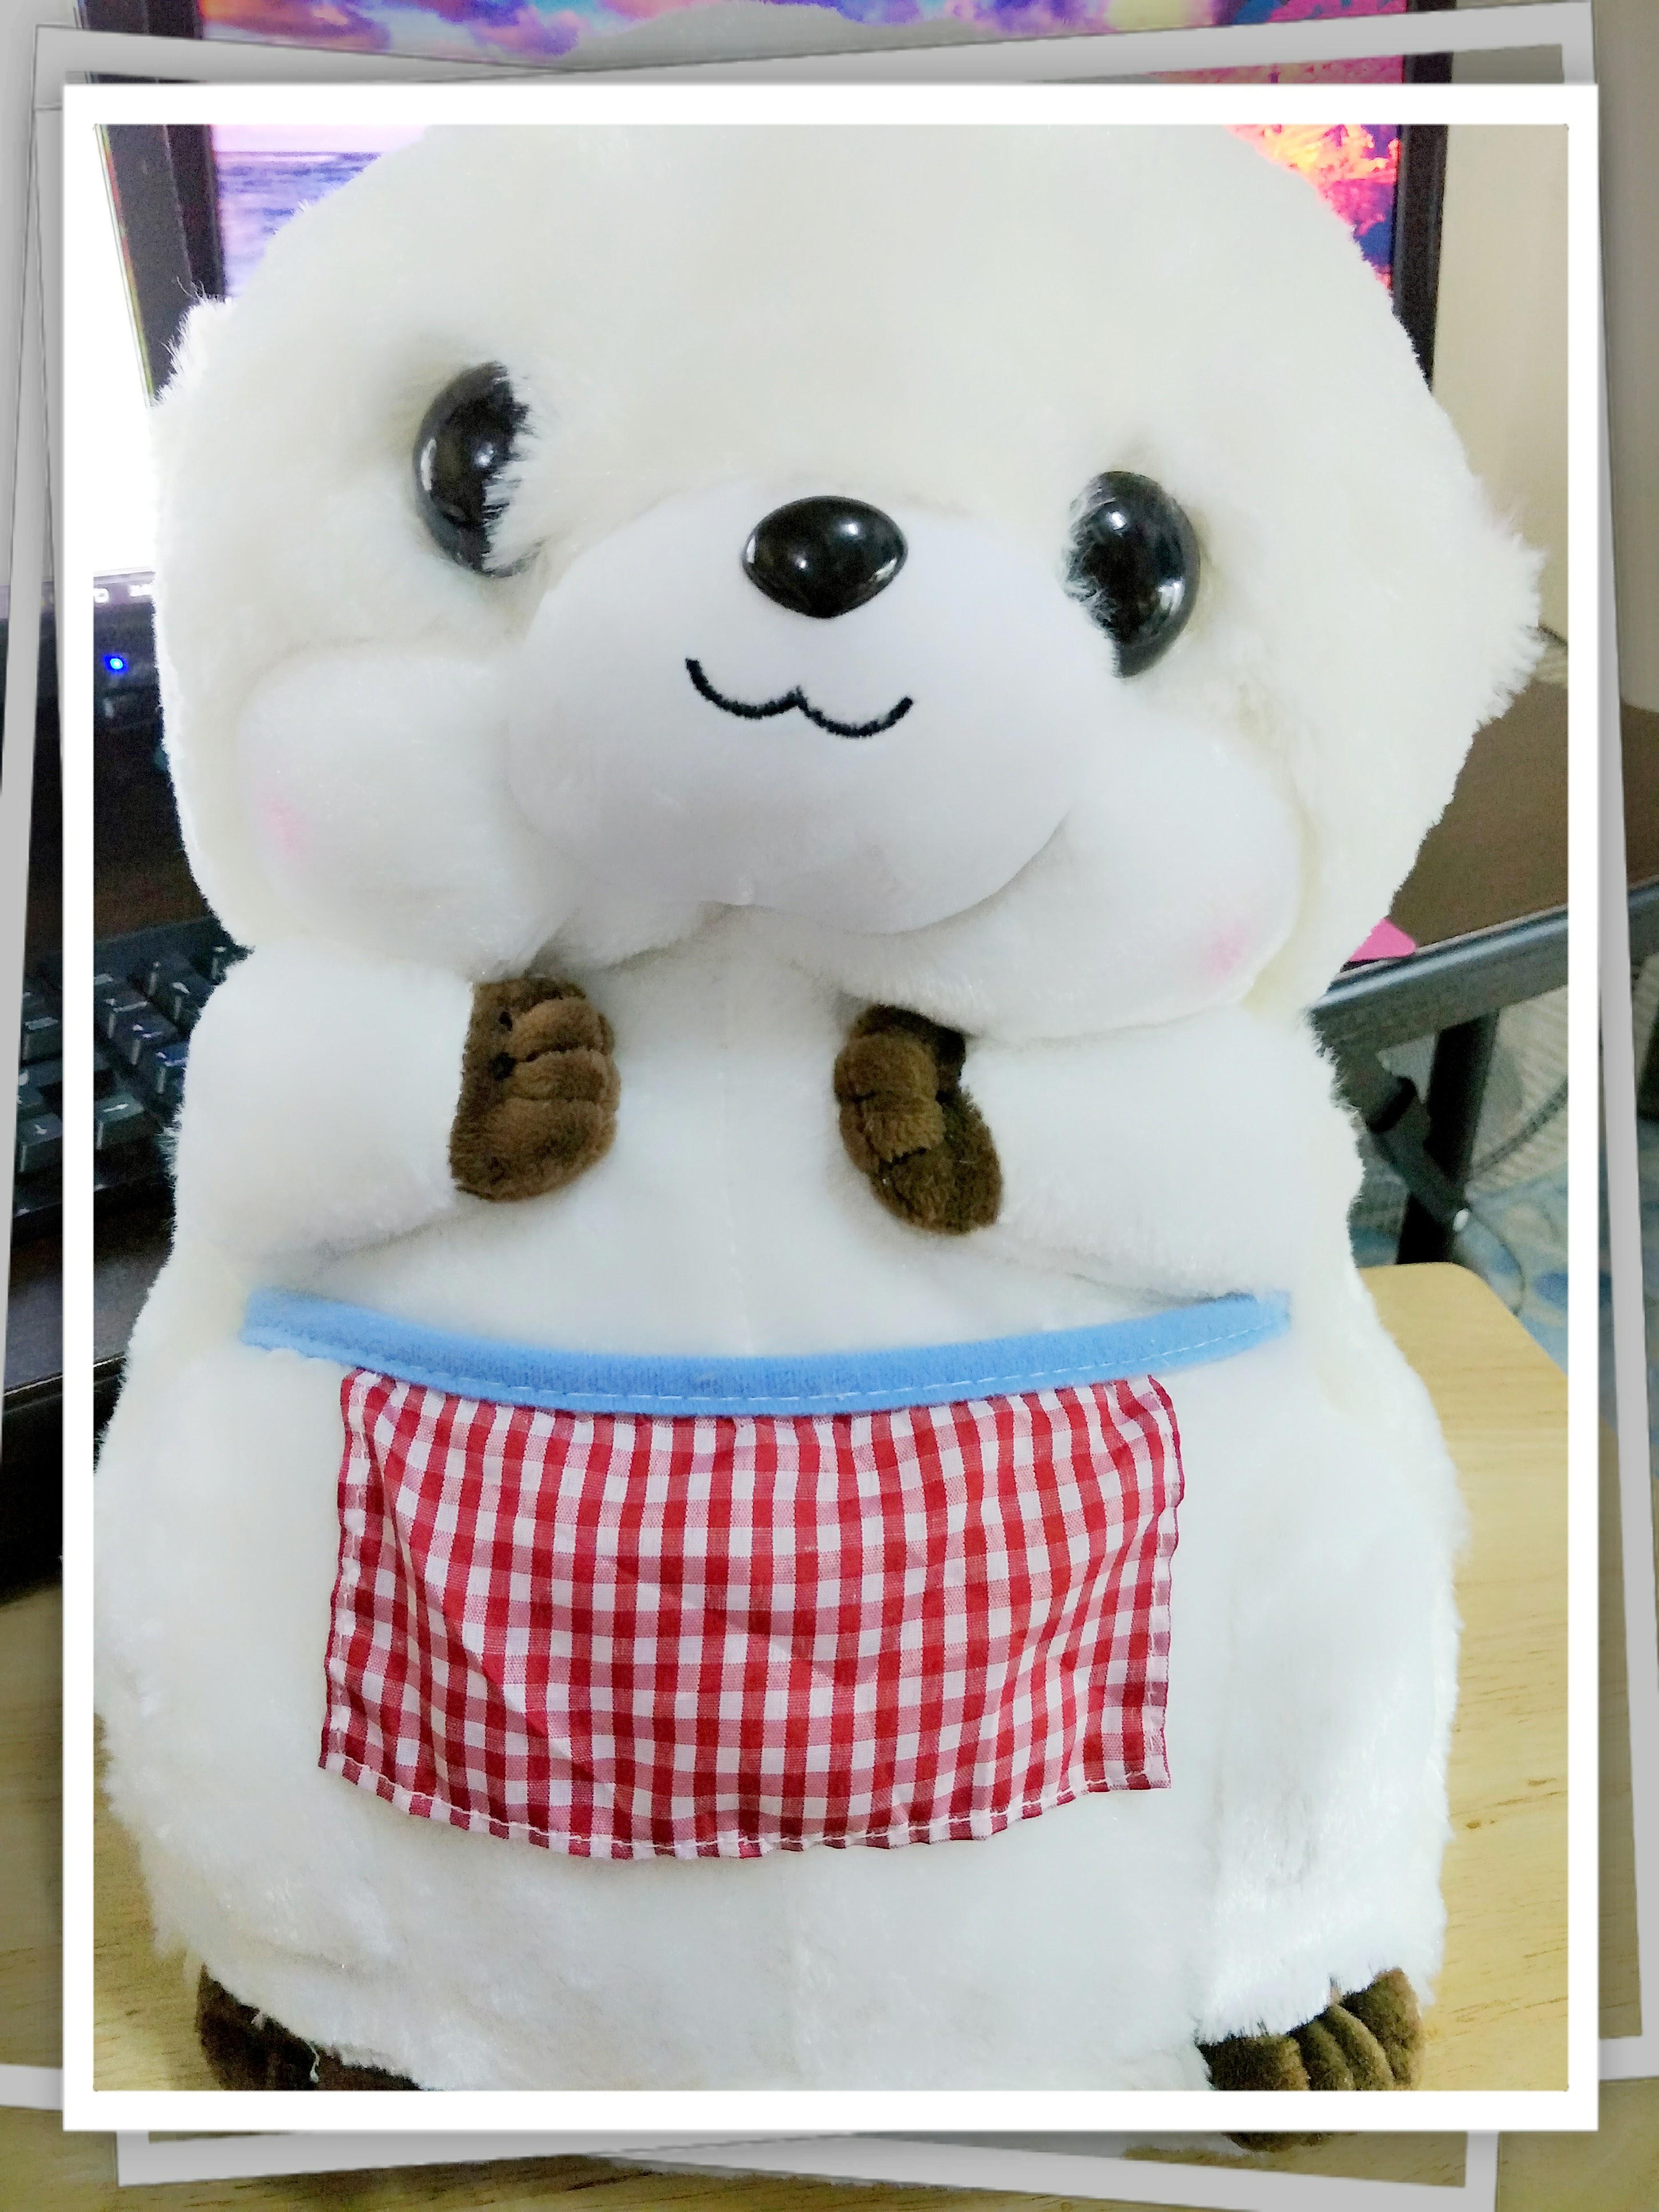 SC0004 Free ปักชื่อบนผ้าห่ม!! ตุ๊กตาหมอนผ้าห่มบีเวอร์ สีขาว น่ารักมากๆ ตัวใหญ่พอดีกอด ผ้าห่มอุ่นมาก